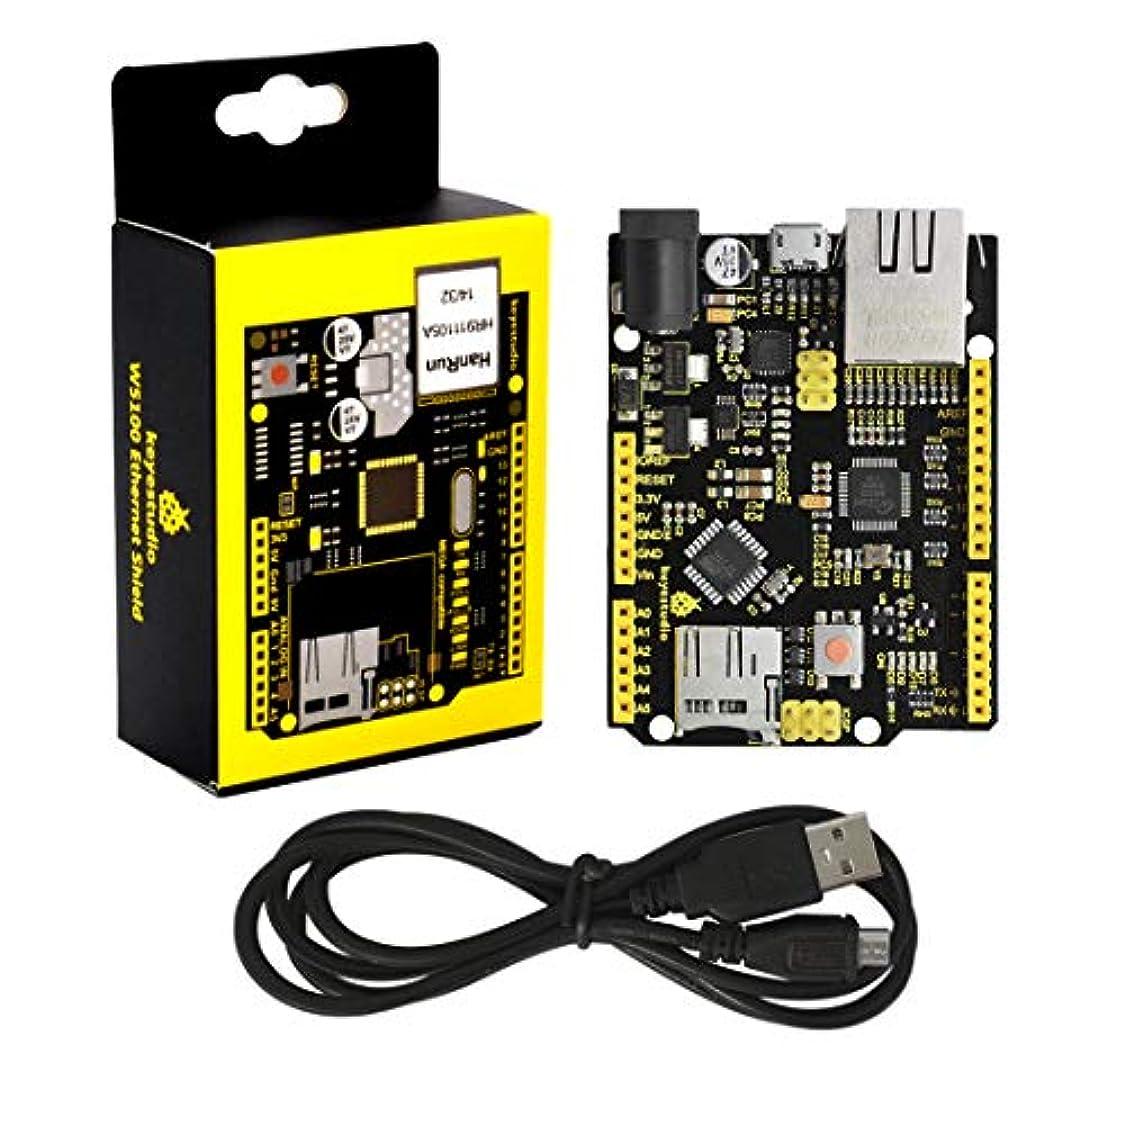 意味するトラブル収まるKEYESTUDIO Ethernet W5500イーサネット開発ボード(Poeなし)for Arduino